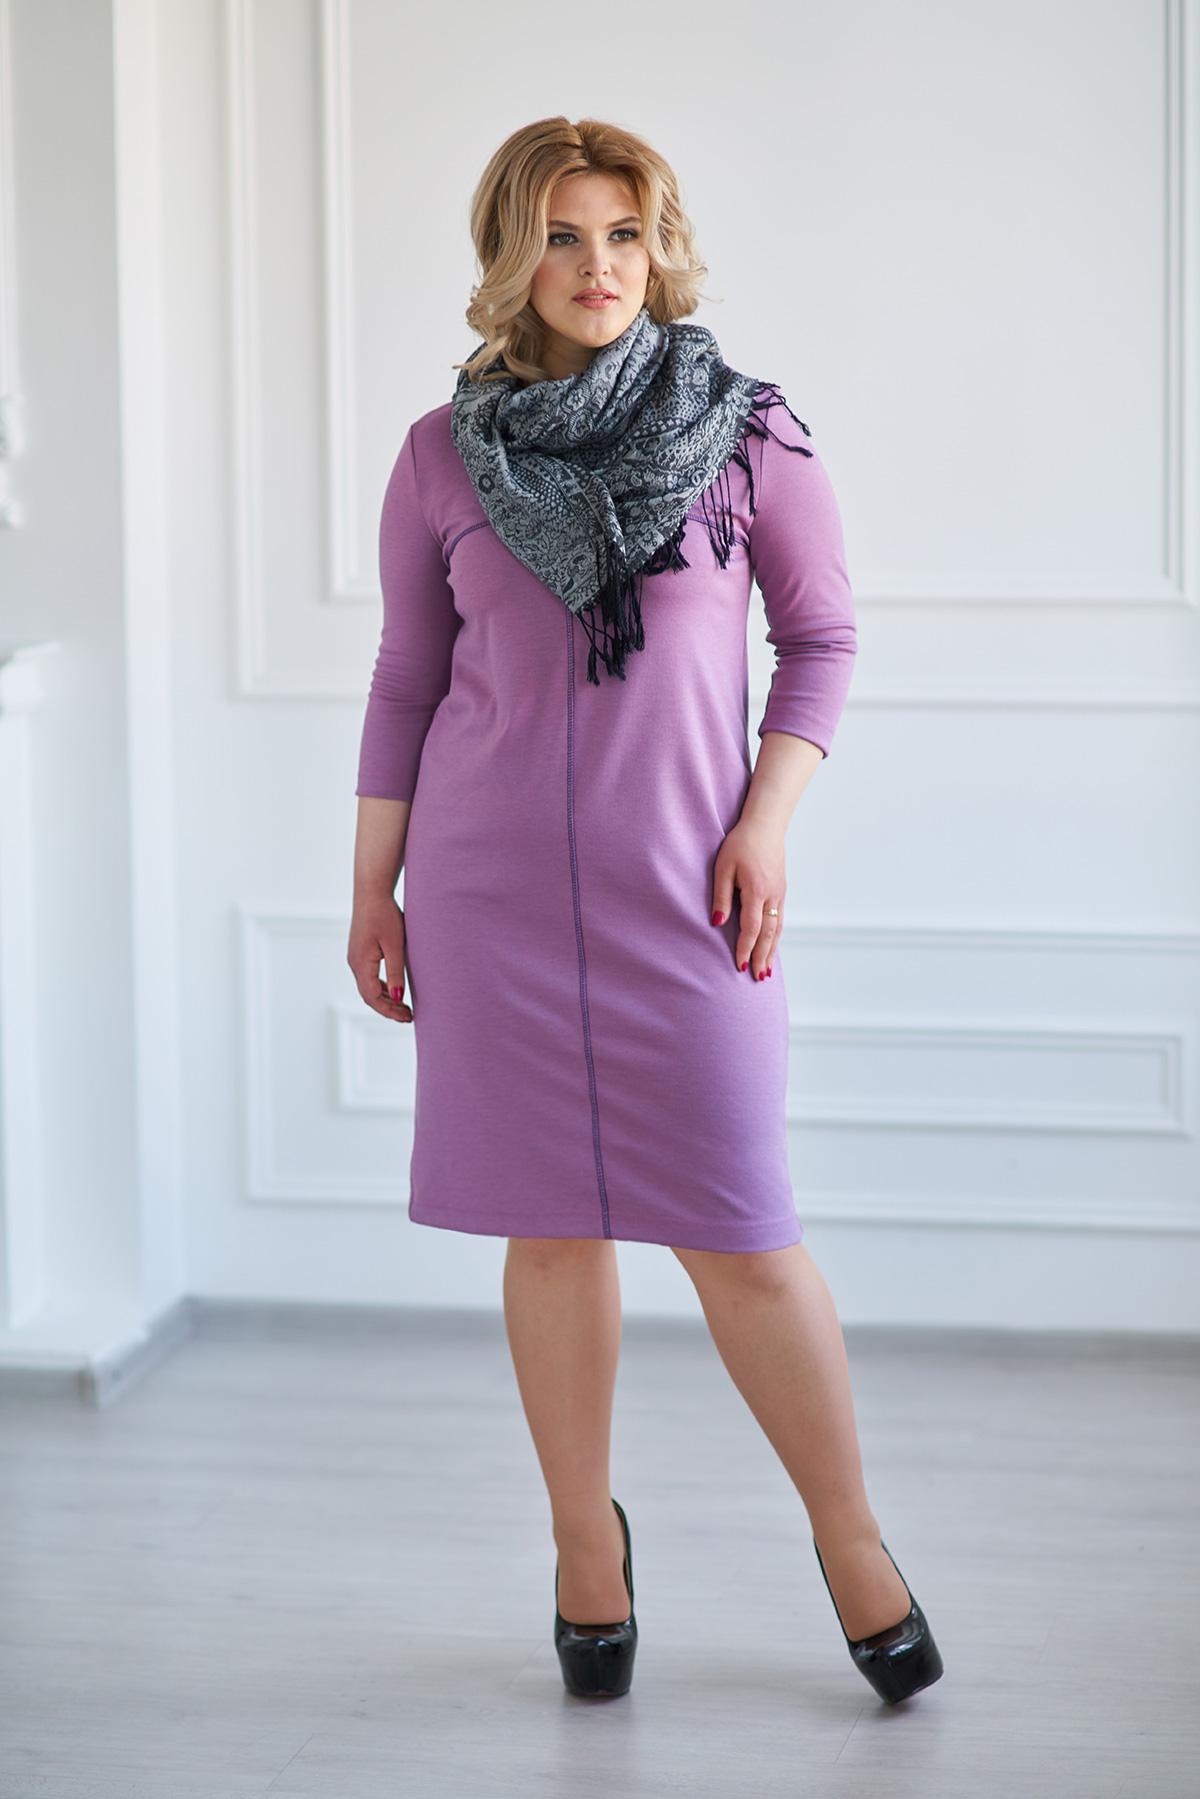 Жен. платье арт. 19-0025 Сиреневый р. 56Платья<br>Факт. ОГ: 110 см <br>Факт. ОТ: 114 см <br>Факт. ОБ: 116 см <br>Длина по спинке: 98 см<br><br>Тип: Жен. платье<br>Размер: 56<br>Материал: Милано